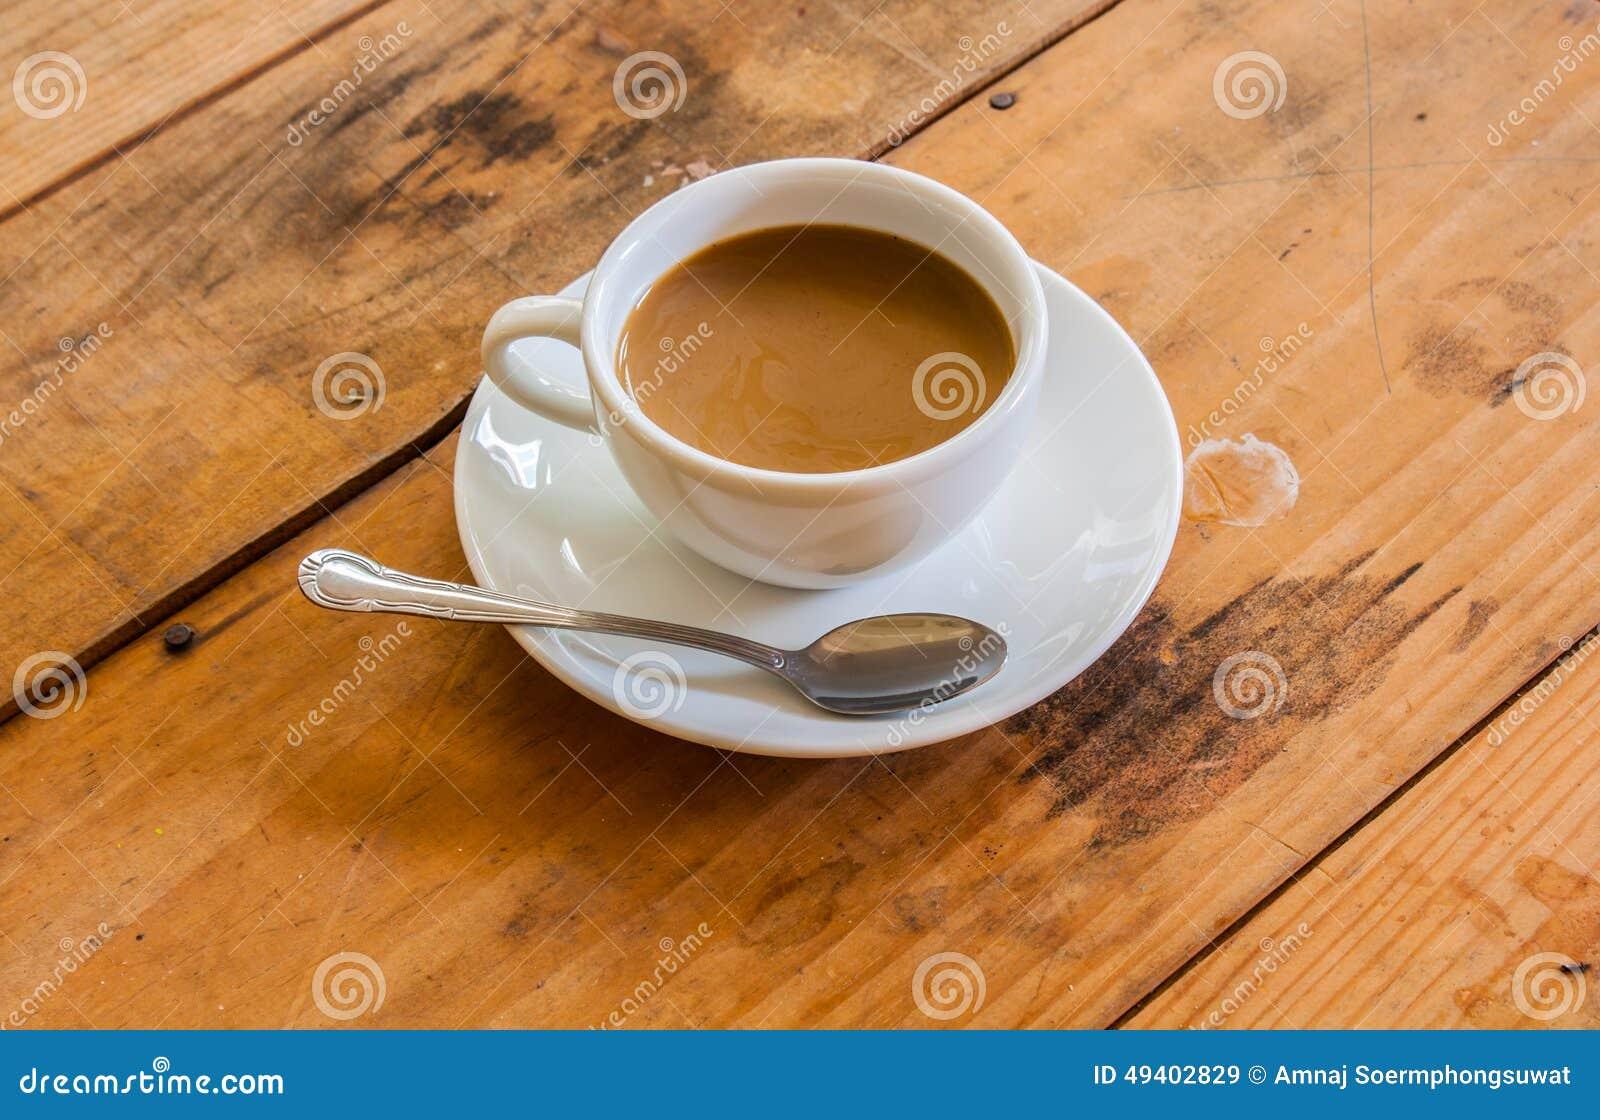 Download Weiße Kaffeetasse stockbild. Bild von hintergrund, hölzern - 49402829